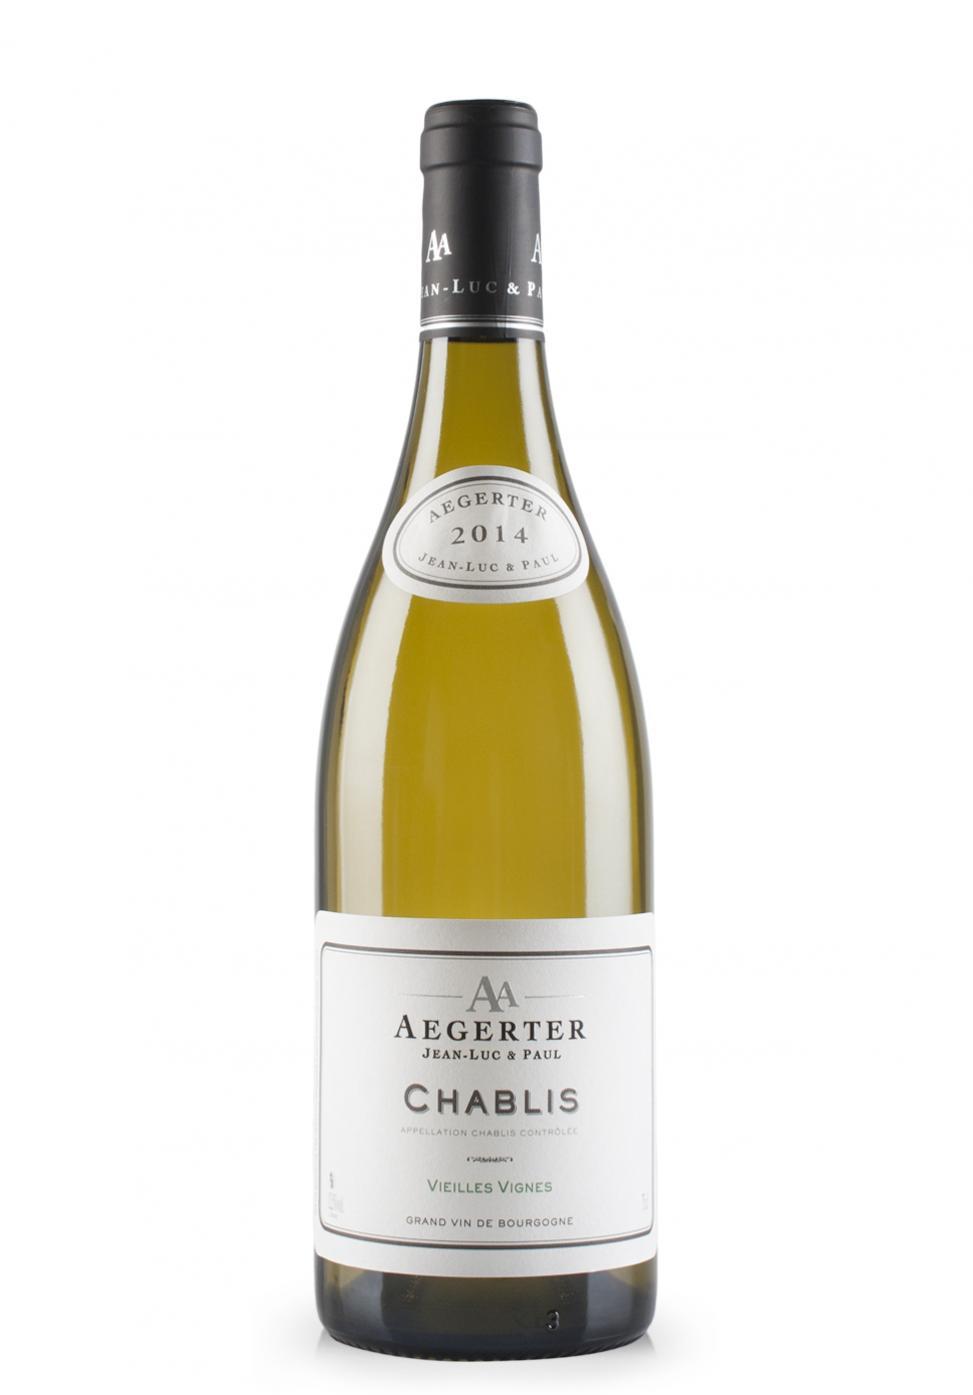 Vin Aegerter Chablis, AOC Chablis Contrôlée, Vieilles Vignes 2014 (0.75L)